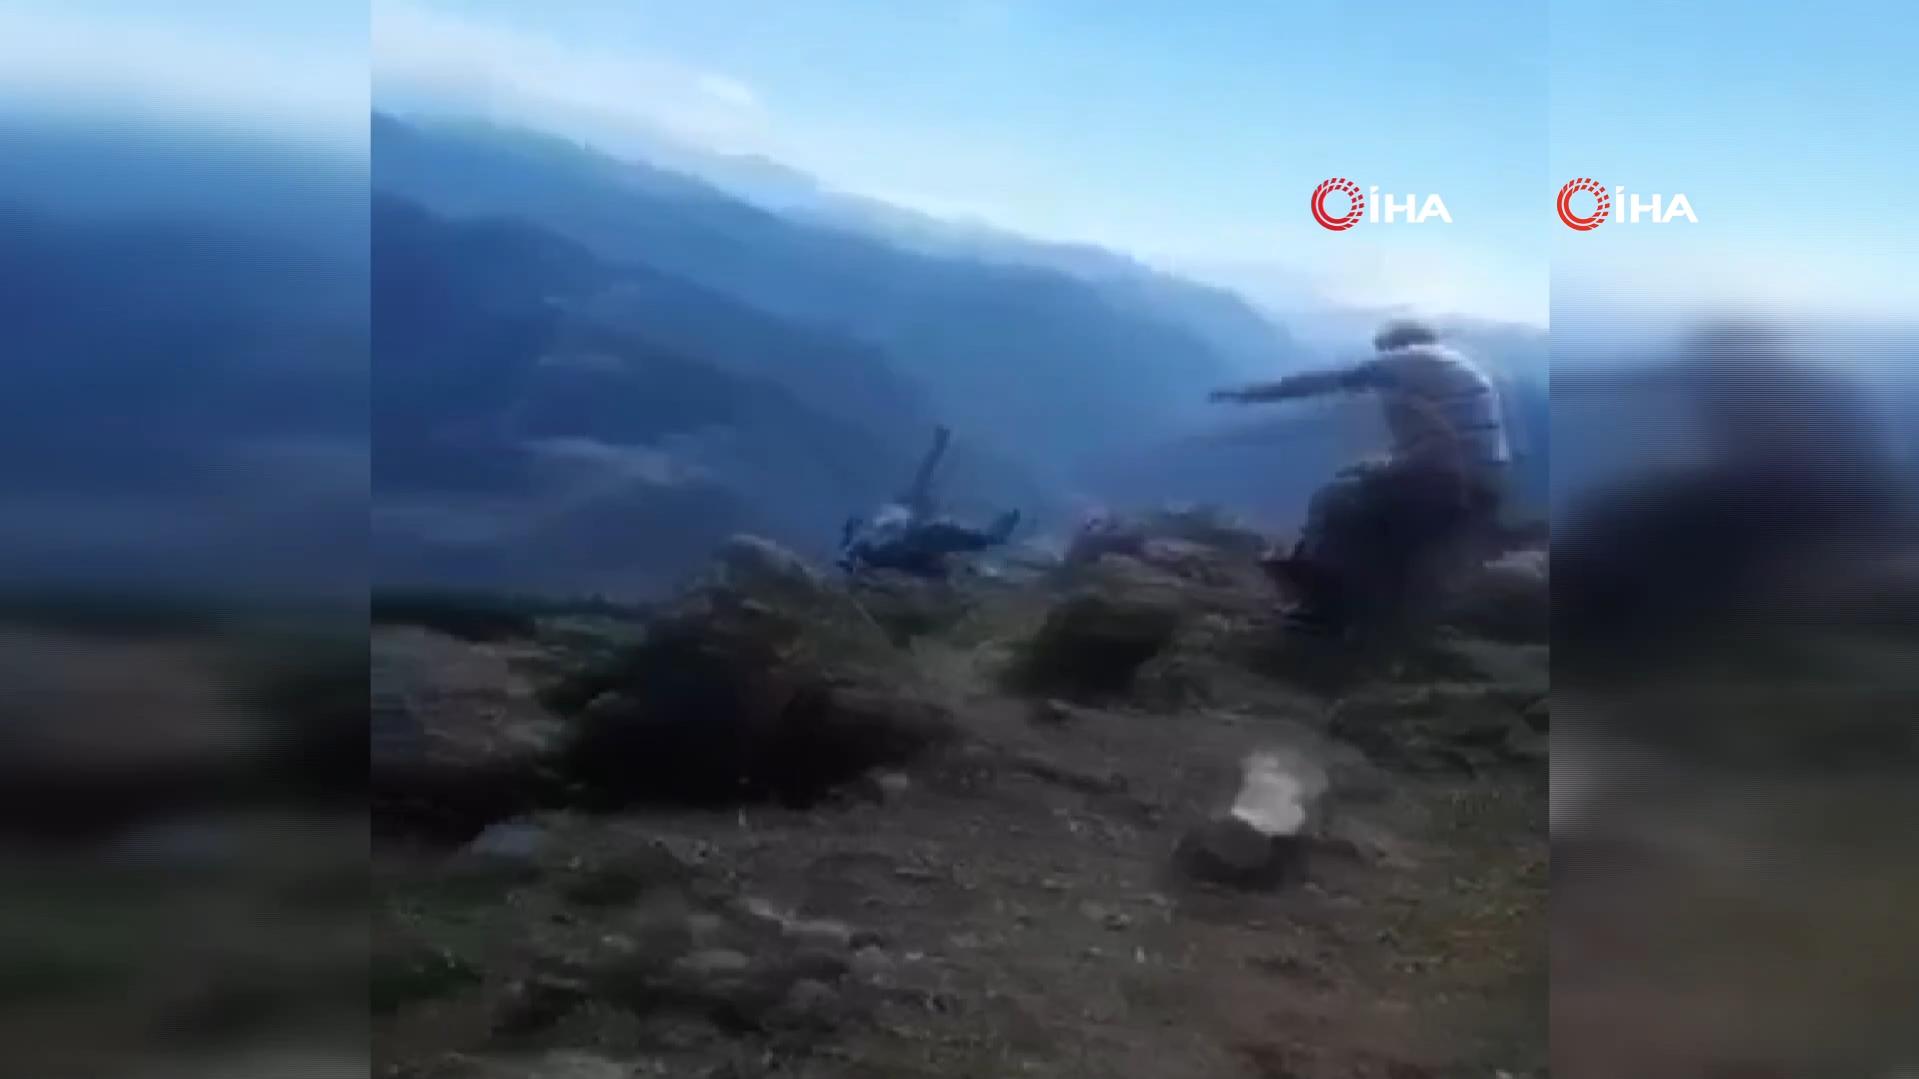 Dehşet anlarını damadı kaydetti! Ailesinin gözü önünde 70 metrelik uçurumdan düşerek can verdi